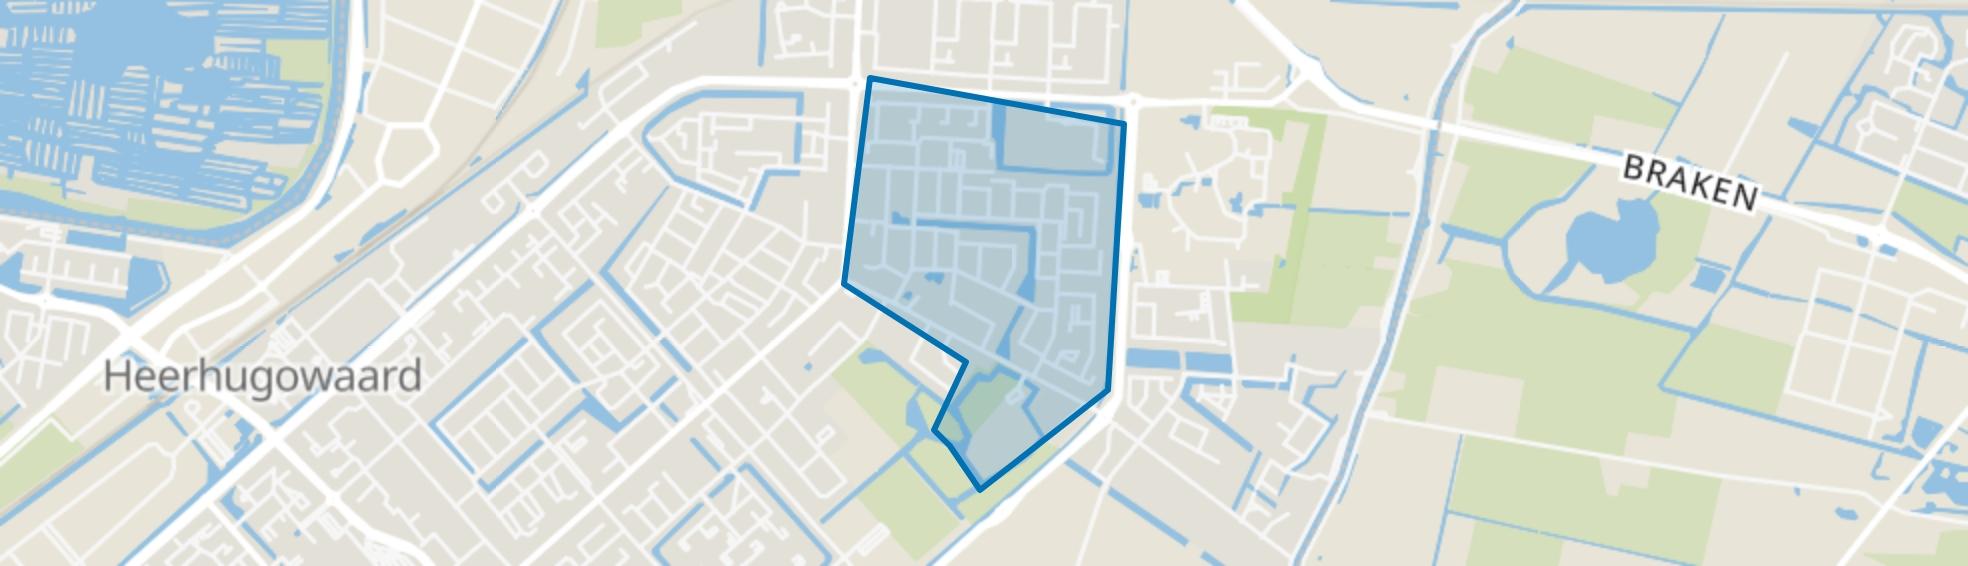 Schilderswijk 2, Heerhugowaard map